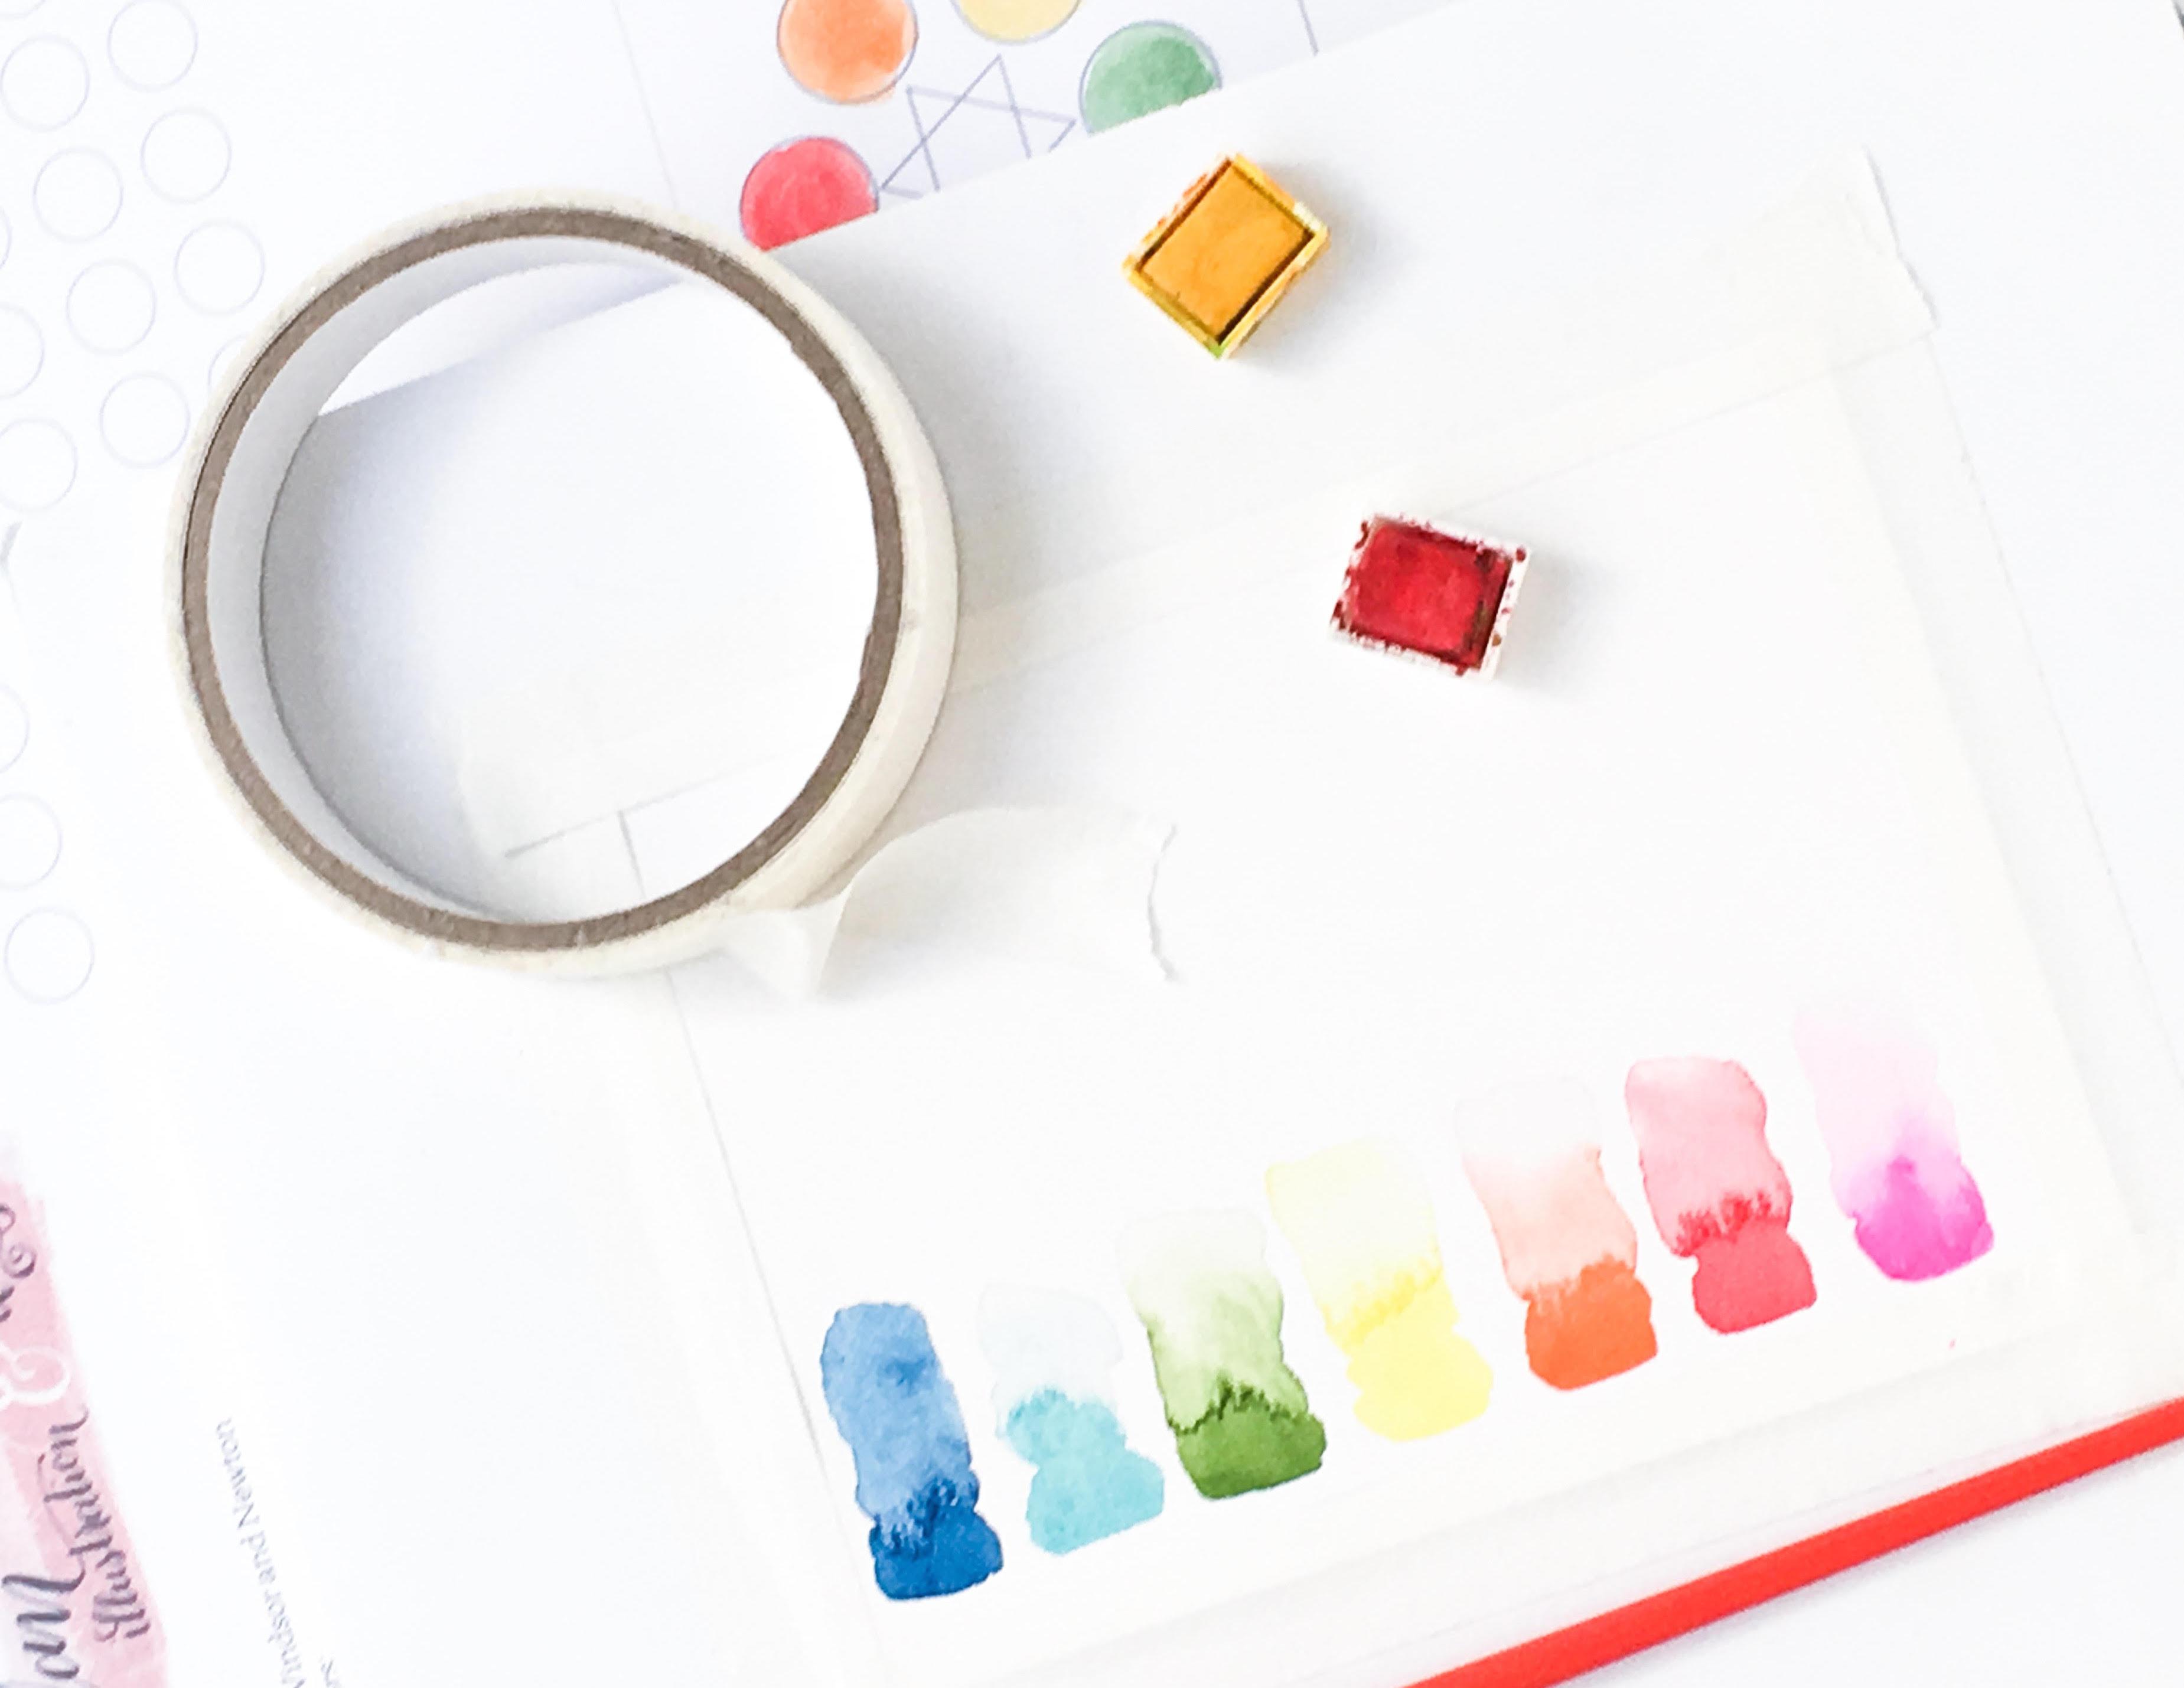 Commencer un nouveau passe-temps à l'aquarelle ne doit pas être intimidant. Consultez notre guide sur l'aquarelle pour les débutants de Natalie Malan sur le blog CreativeLive.